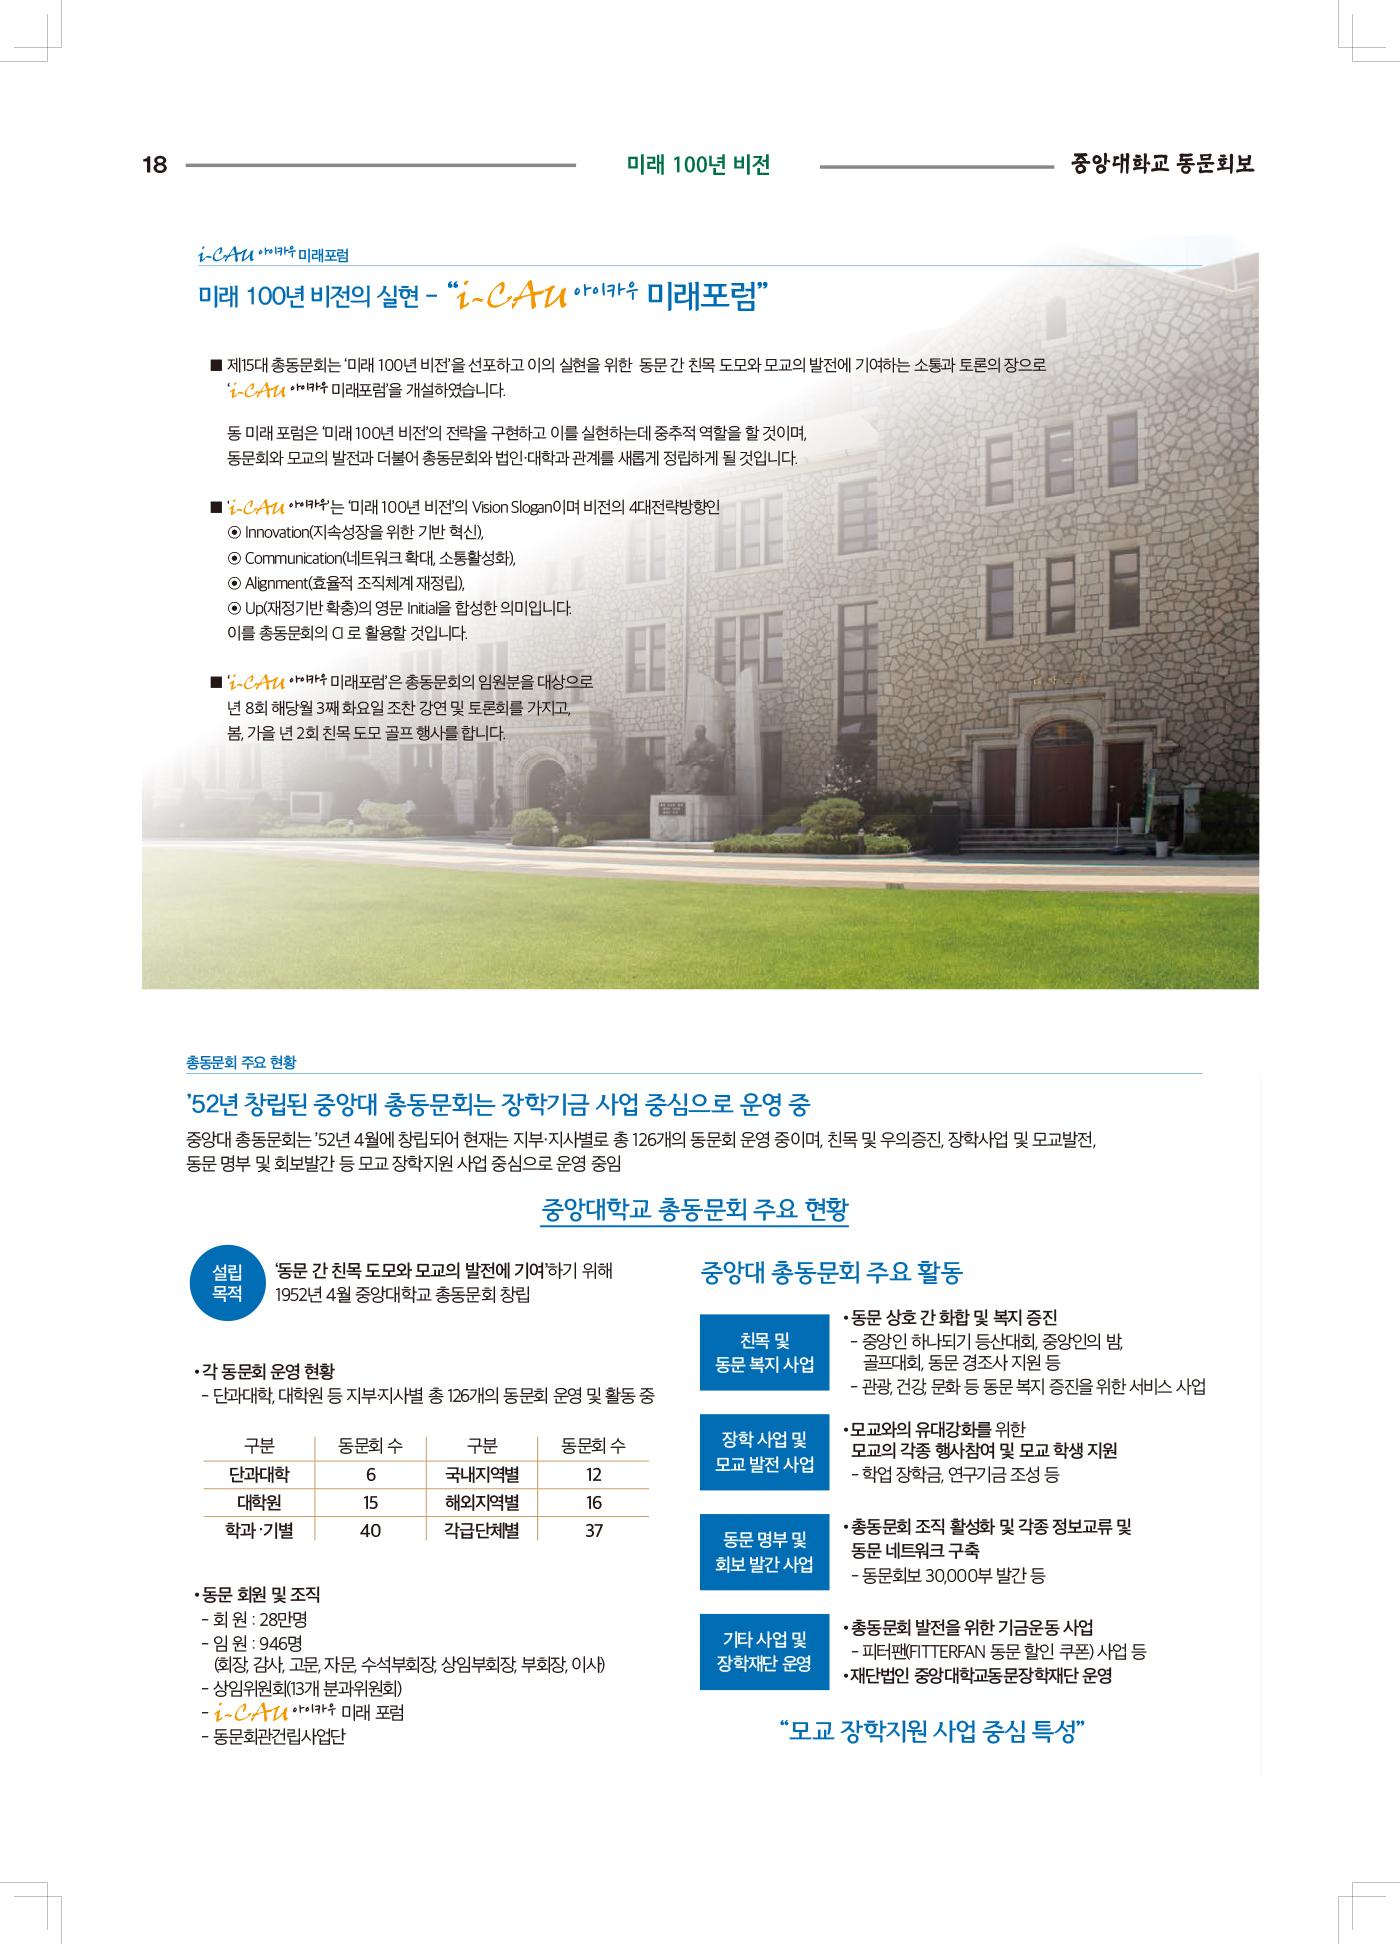 중앙대학교동문318호회보-18.jpg